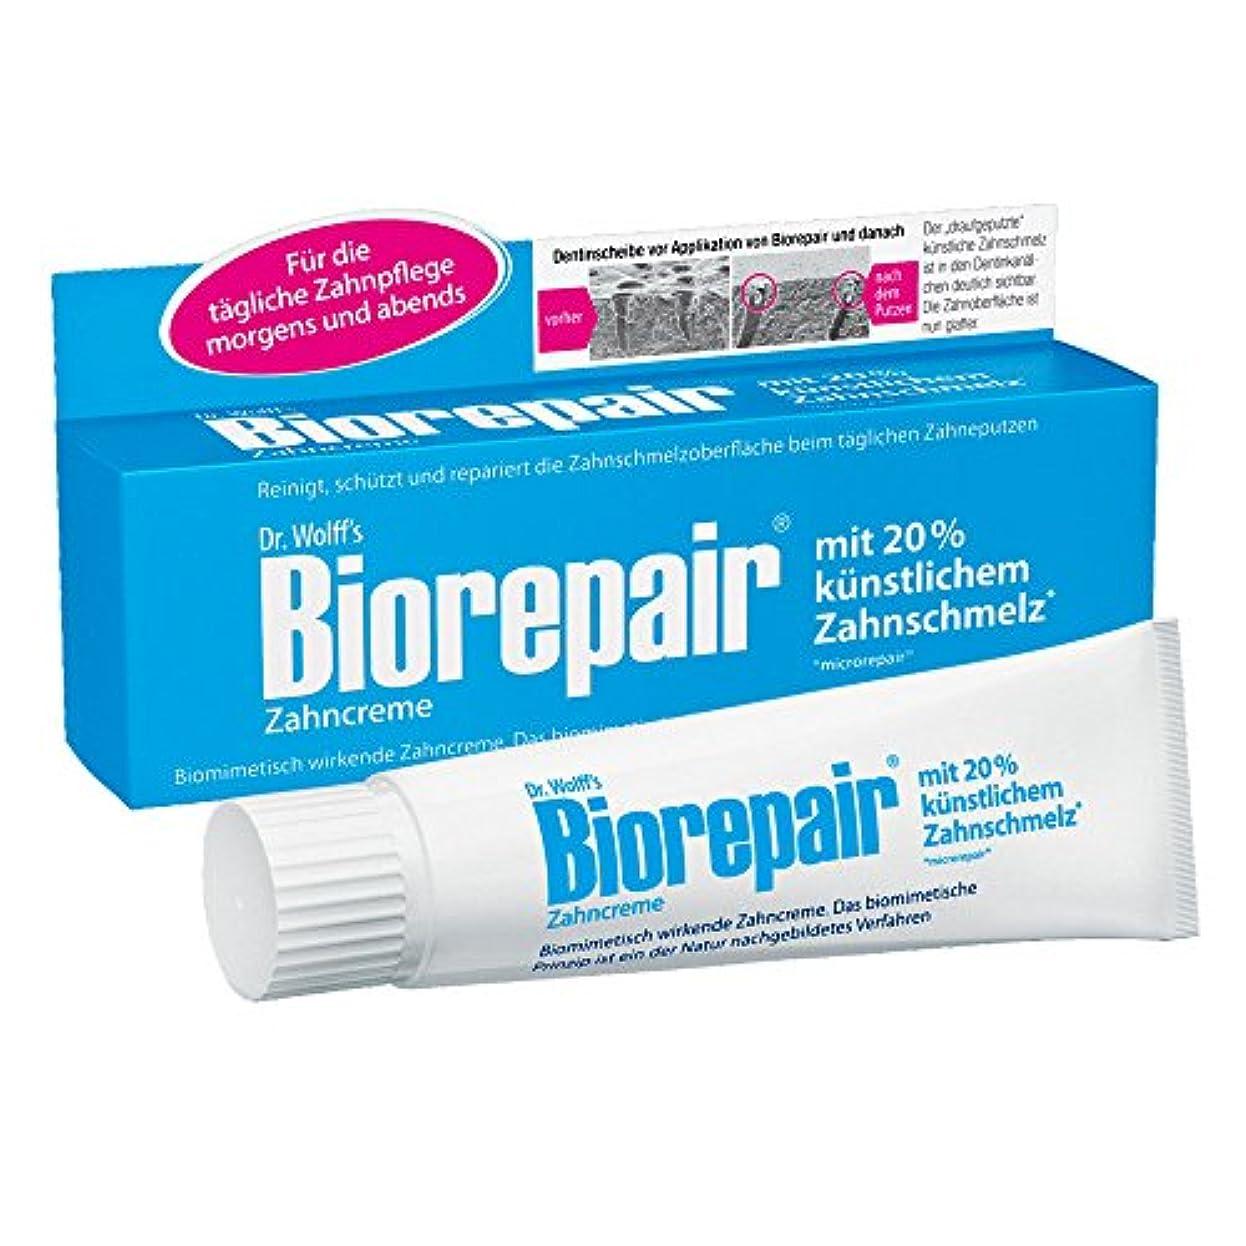 ストレス噴水縫うBiorepair 歯磨き粉オリジナル、75ml(1pack) 歯の保護 耐摩耗性 1pack [並行輸入品]